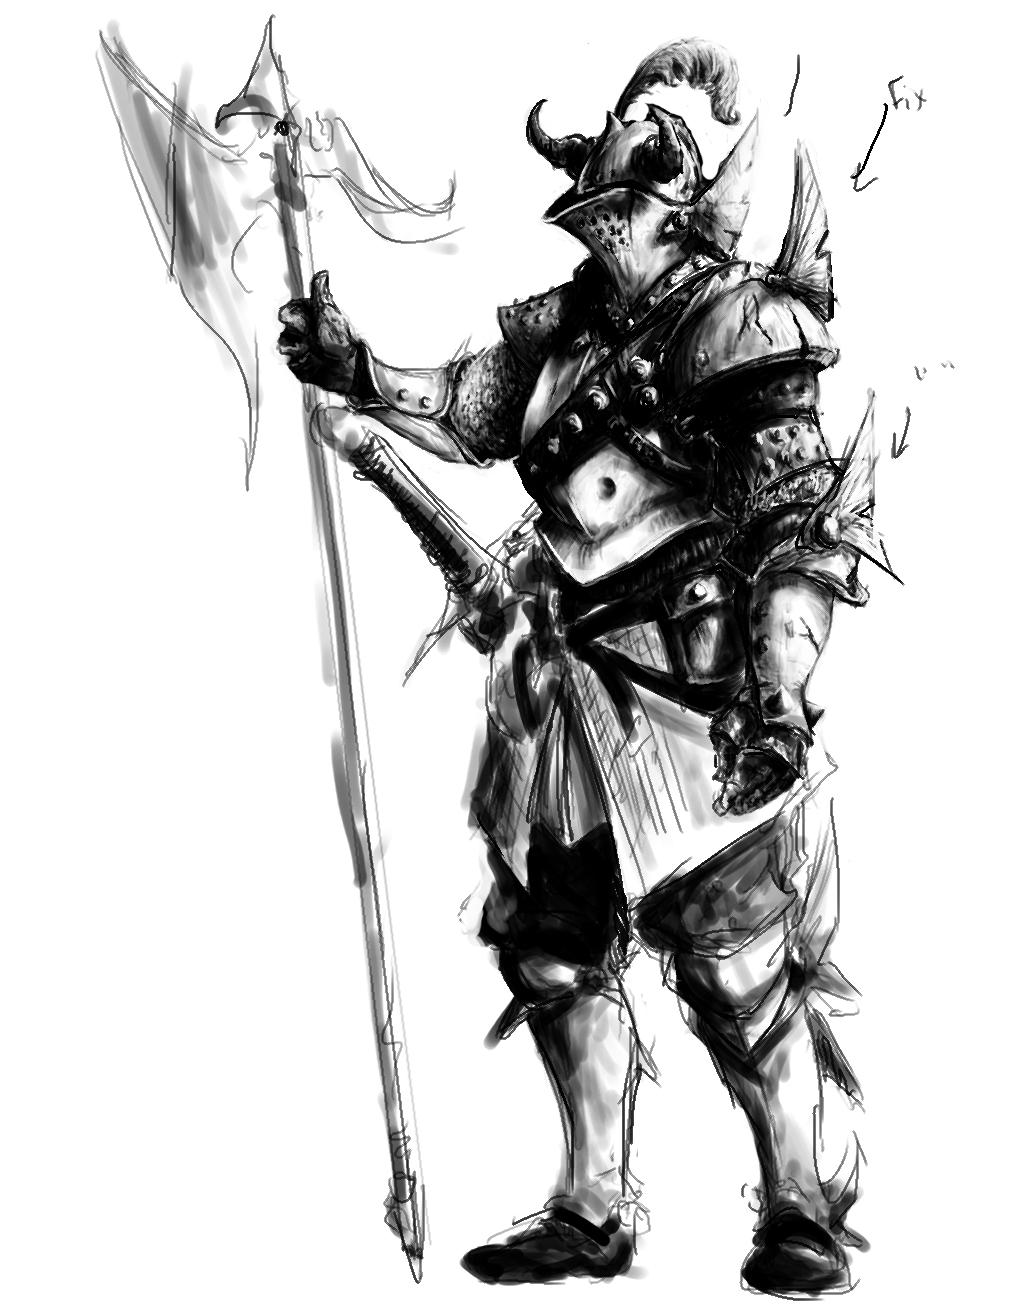 Drawn armor white knight #3